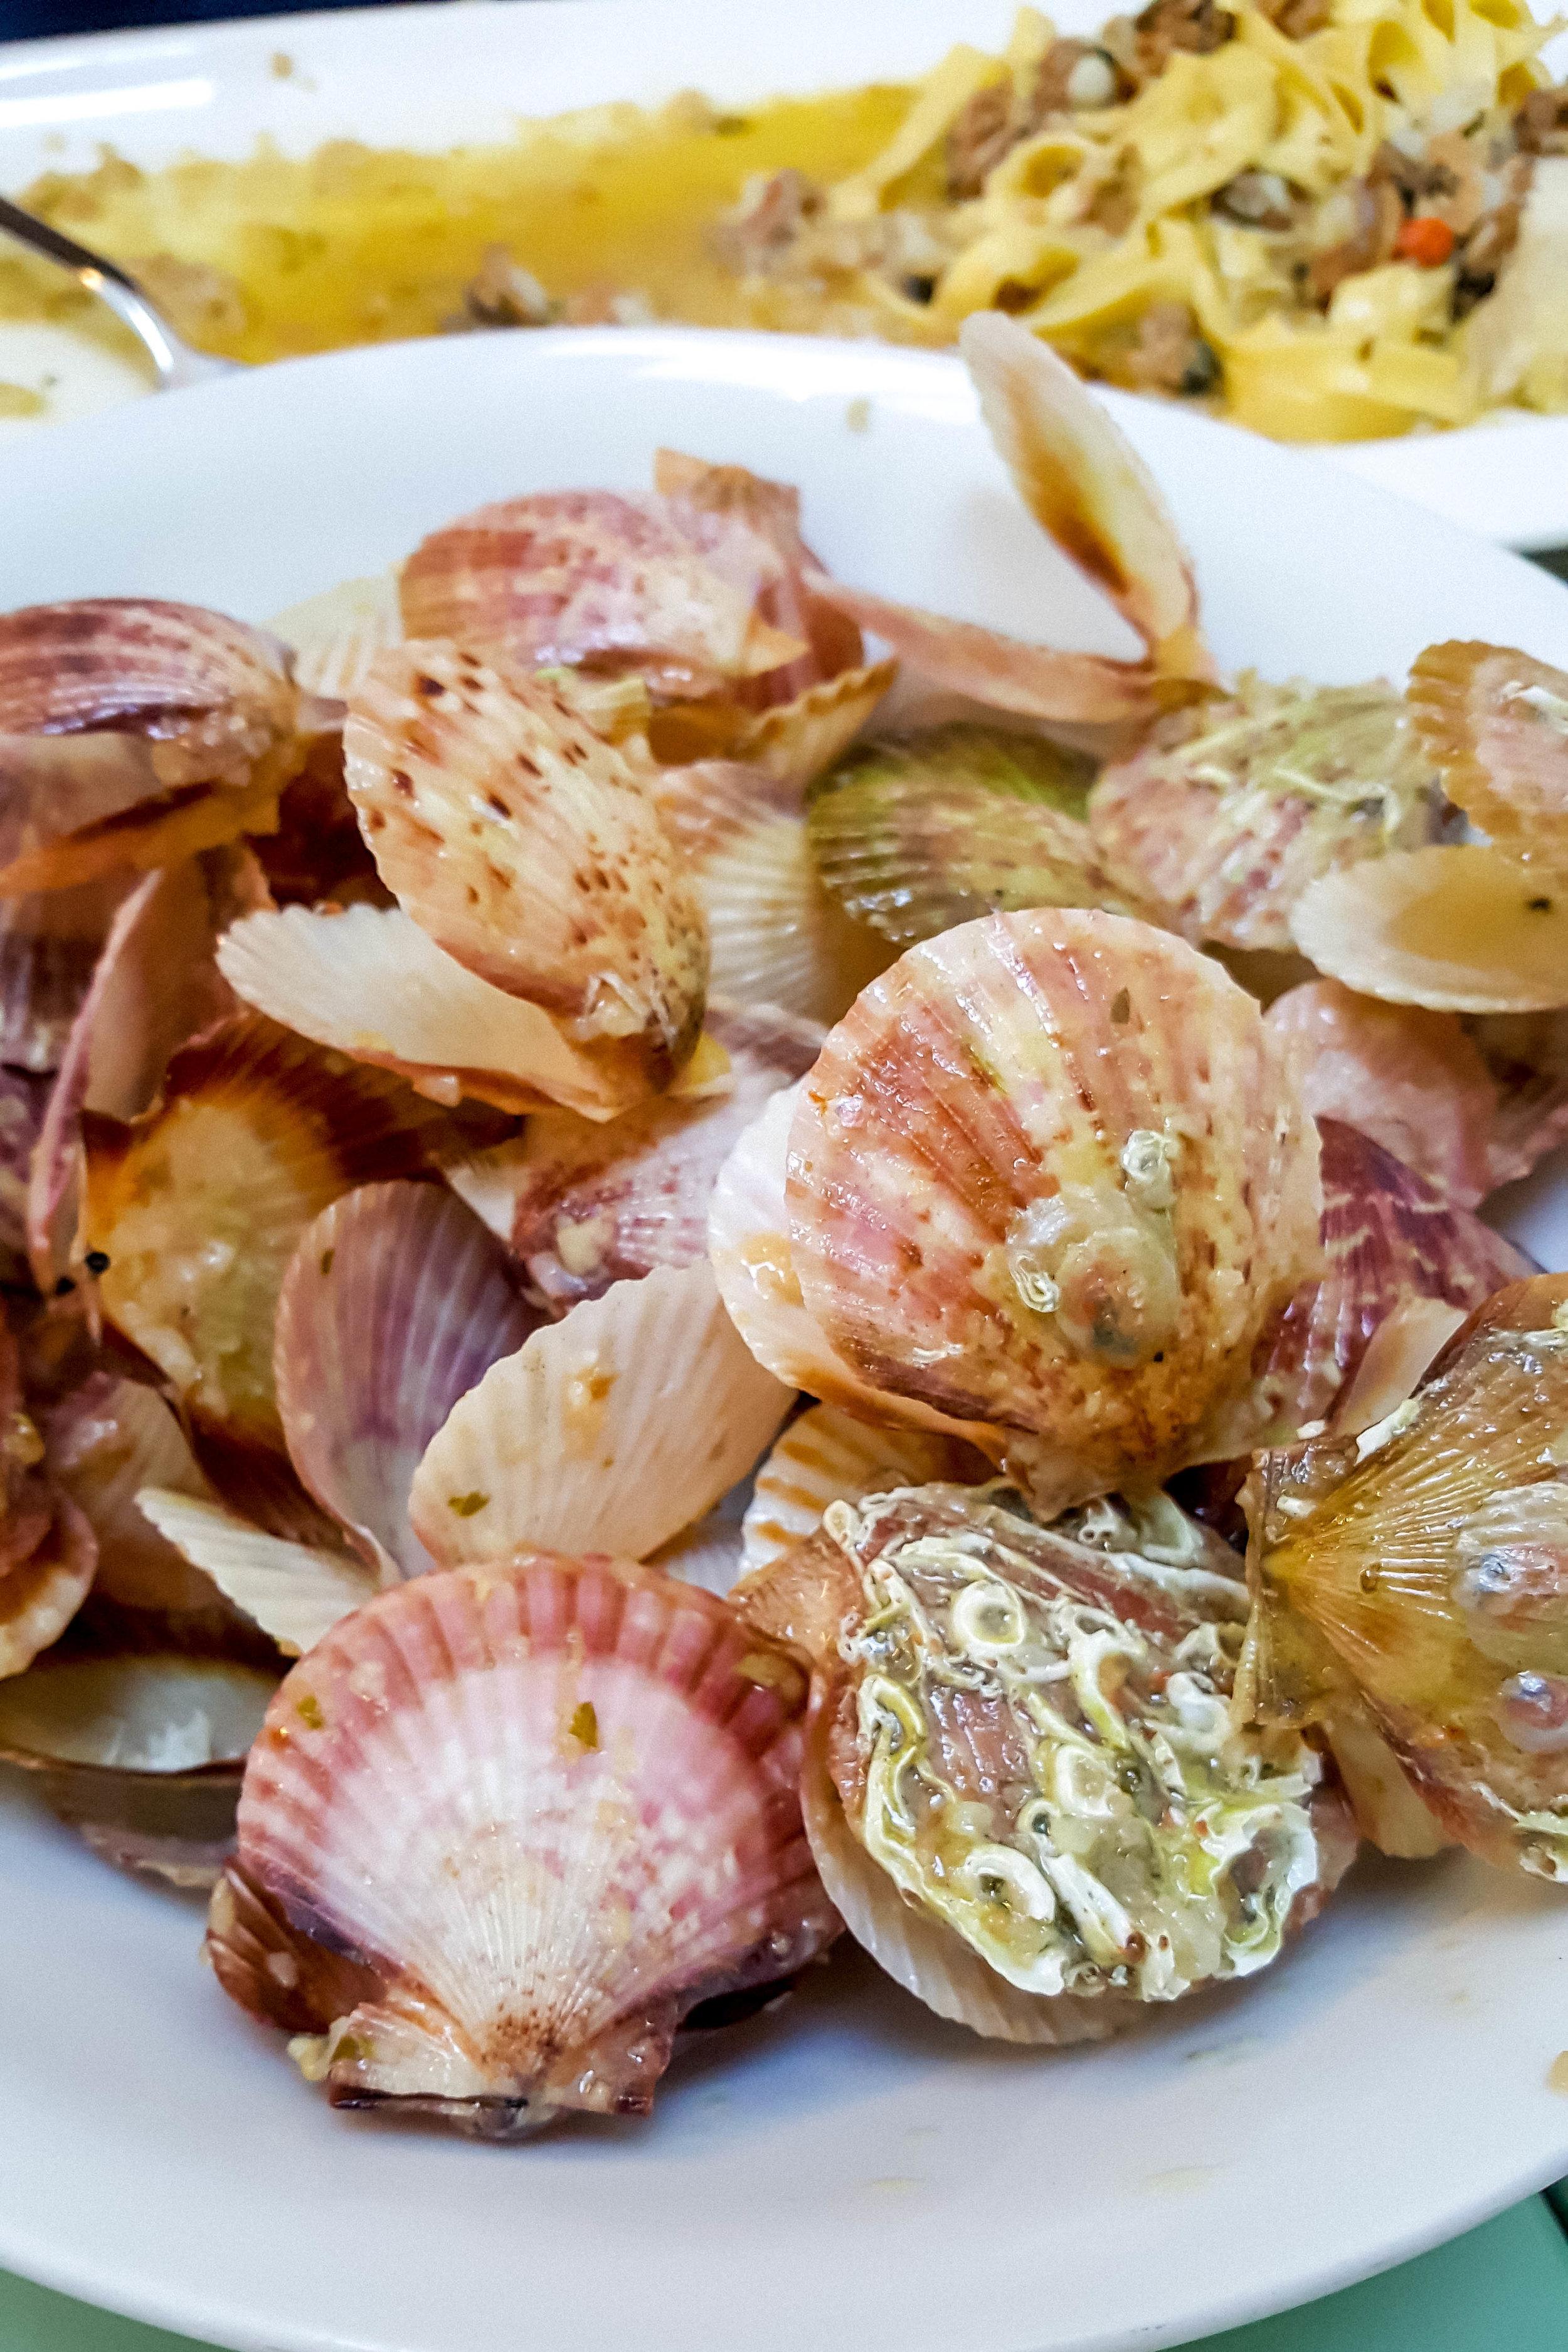 Mussels at Trattoria Vodnjanka, Istria